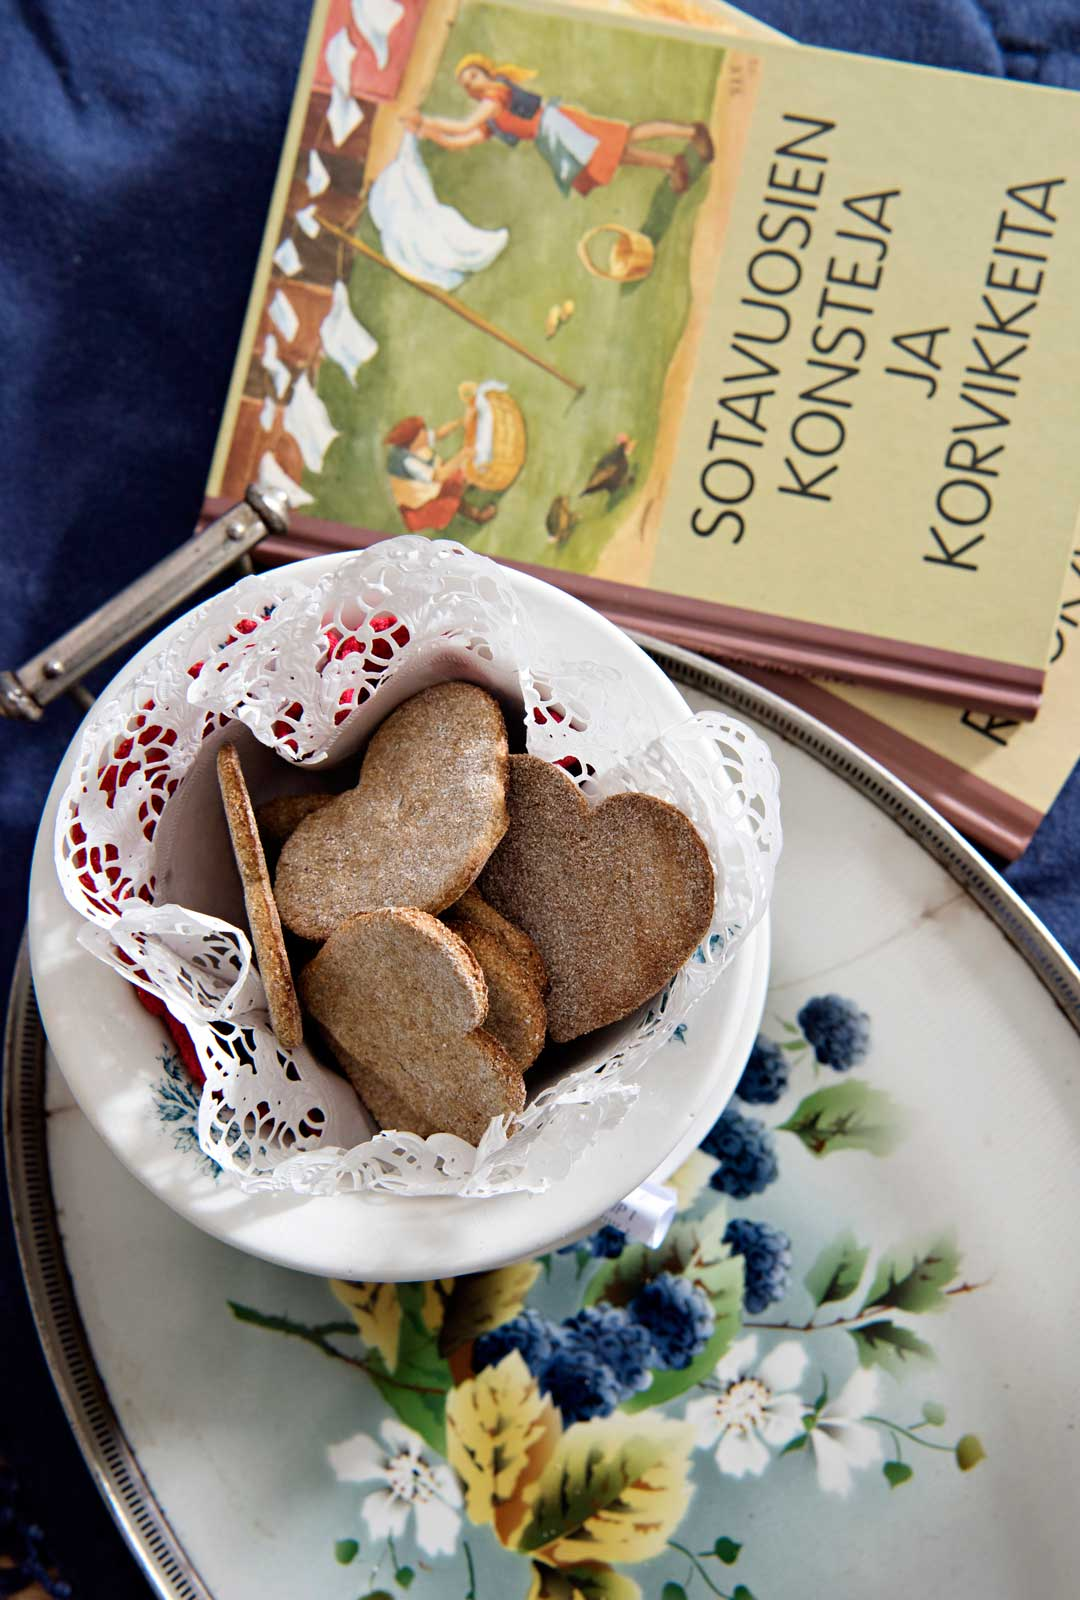 Eila Ilenius muistaa sota-vuosista ennen kaikkea niukkuuden. Ajan piparkakut leivottiin ruisjauhoihin.